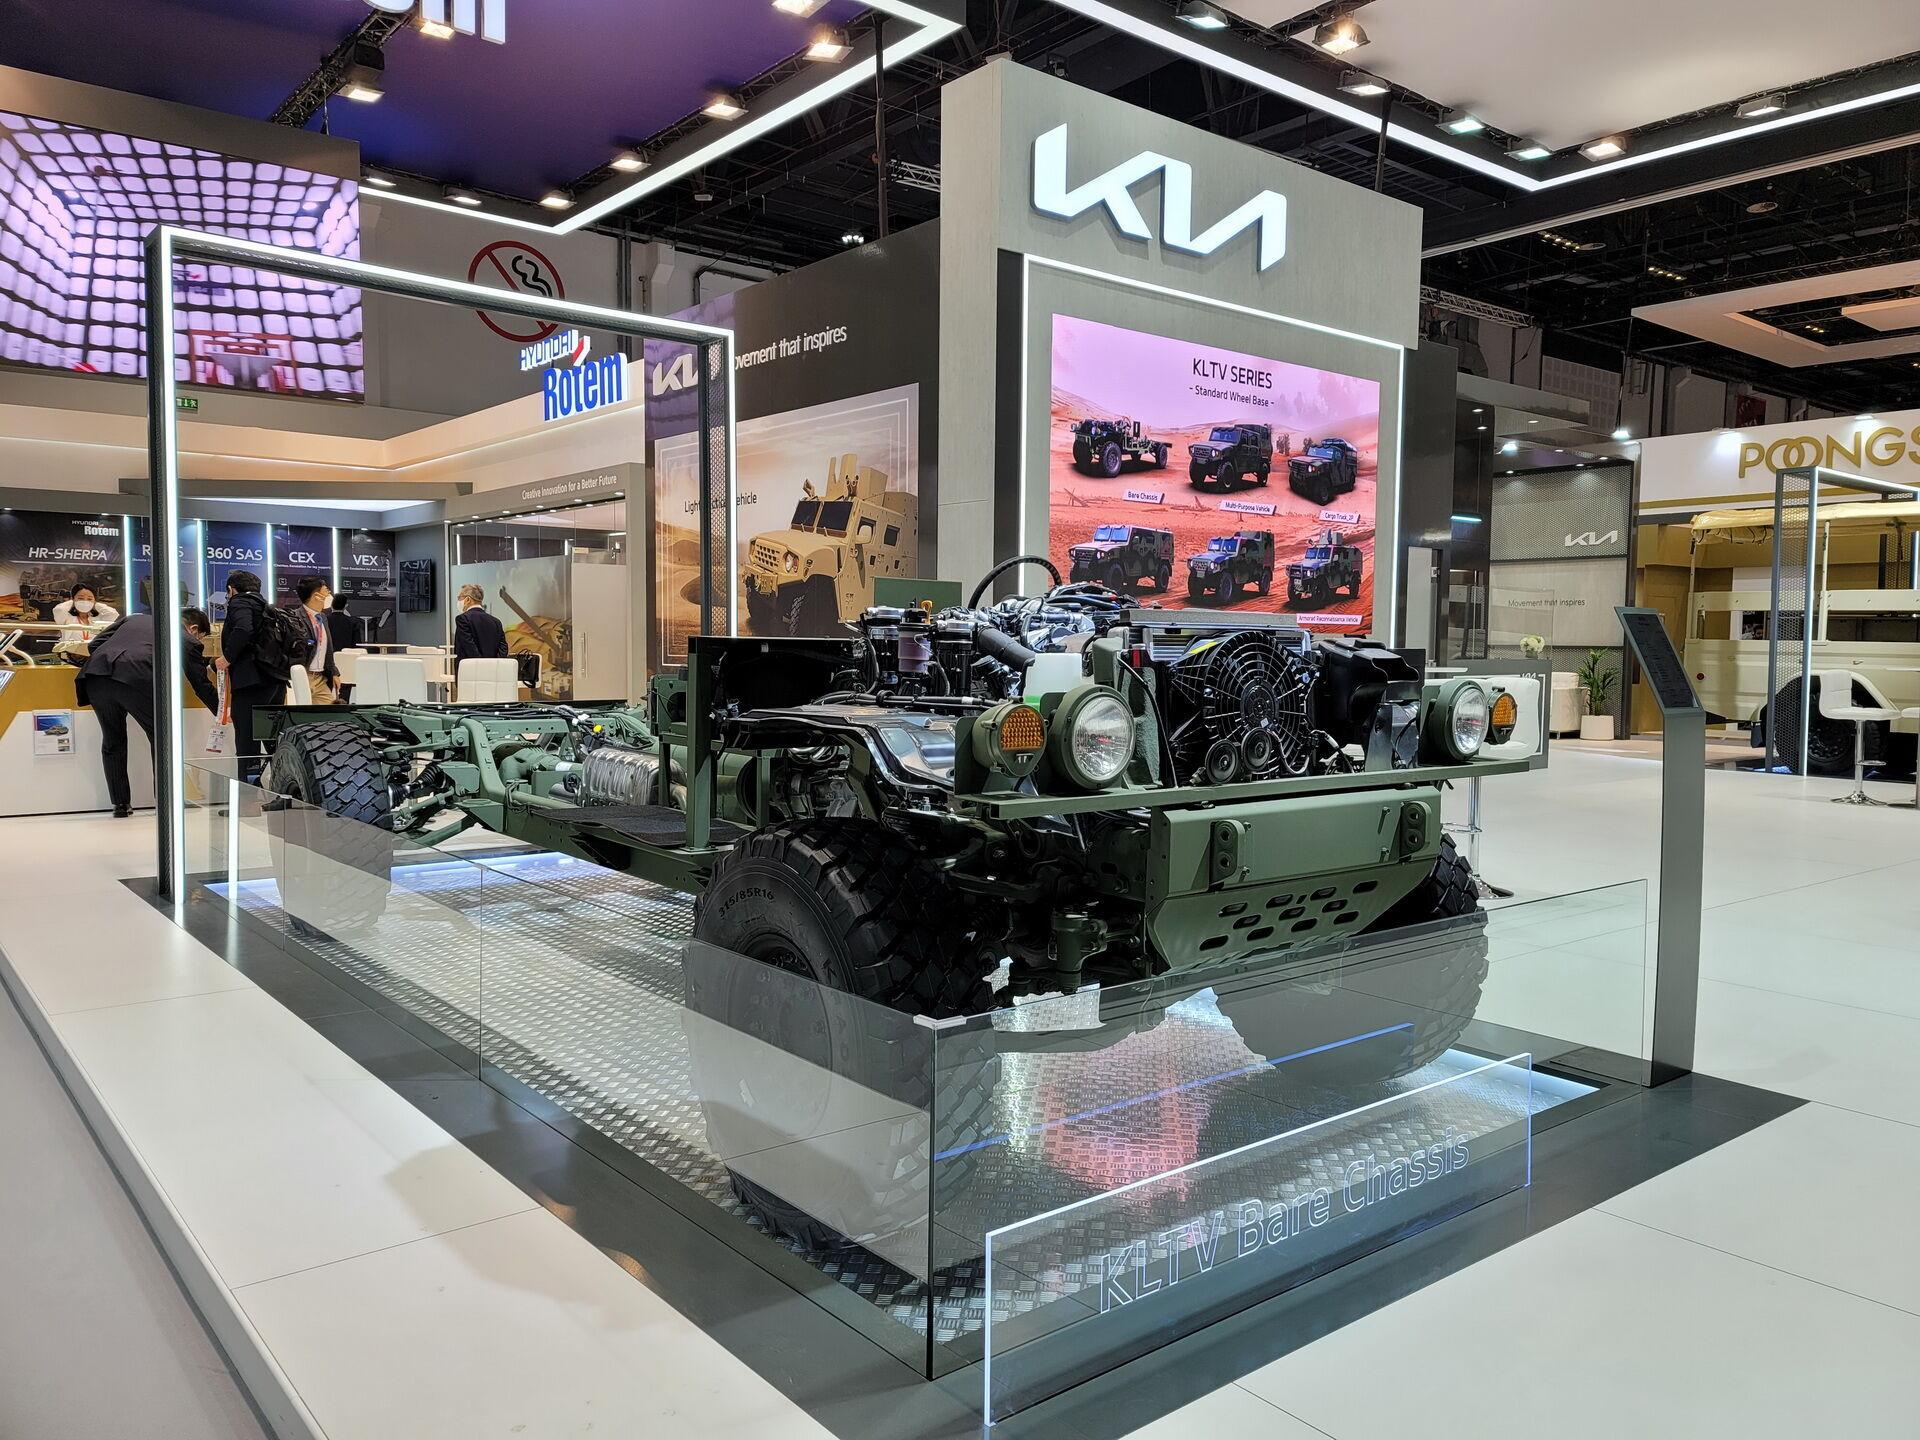 Базовое шасси можно использовать для создания специальных версий машины, в том числе и бронированных